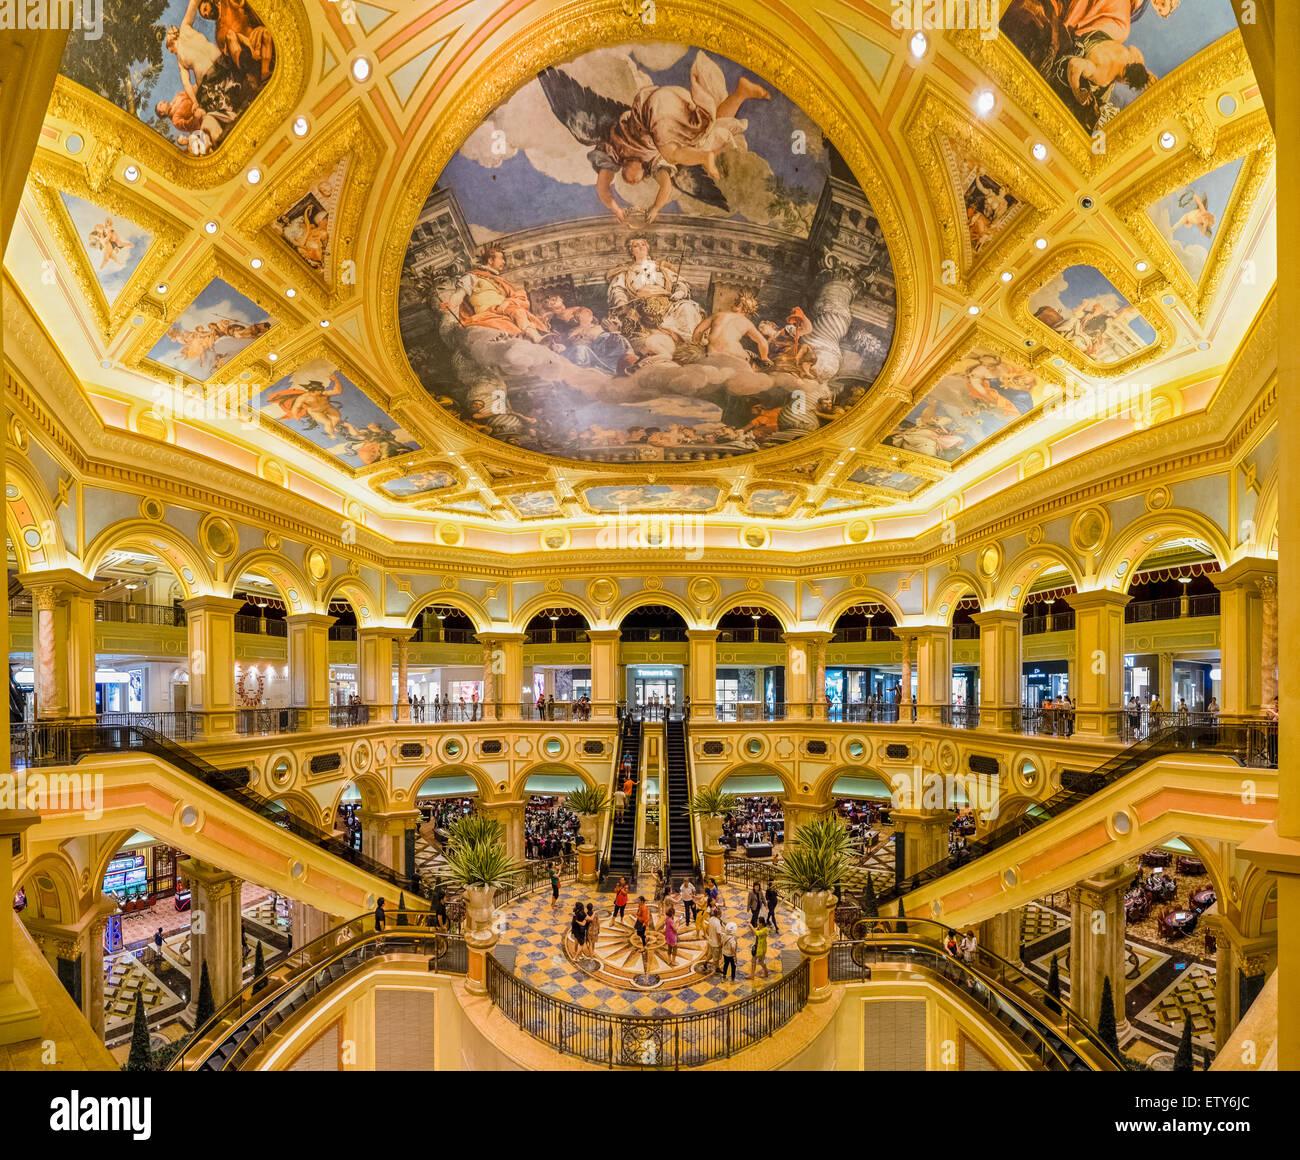 Interni ornati del Venetian Macao casinò e hotel a Macao Cina Immagini Stock